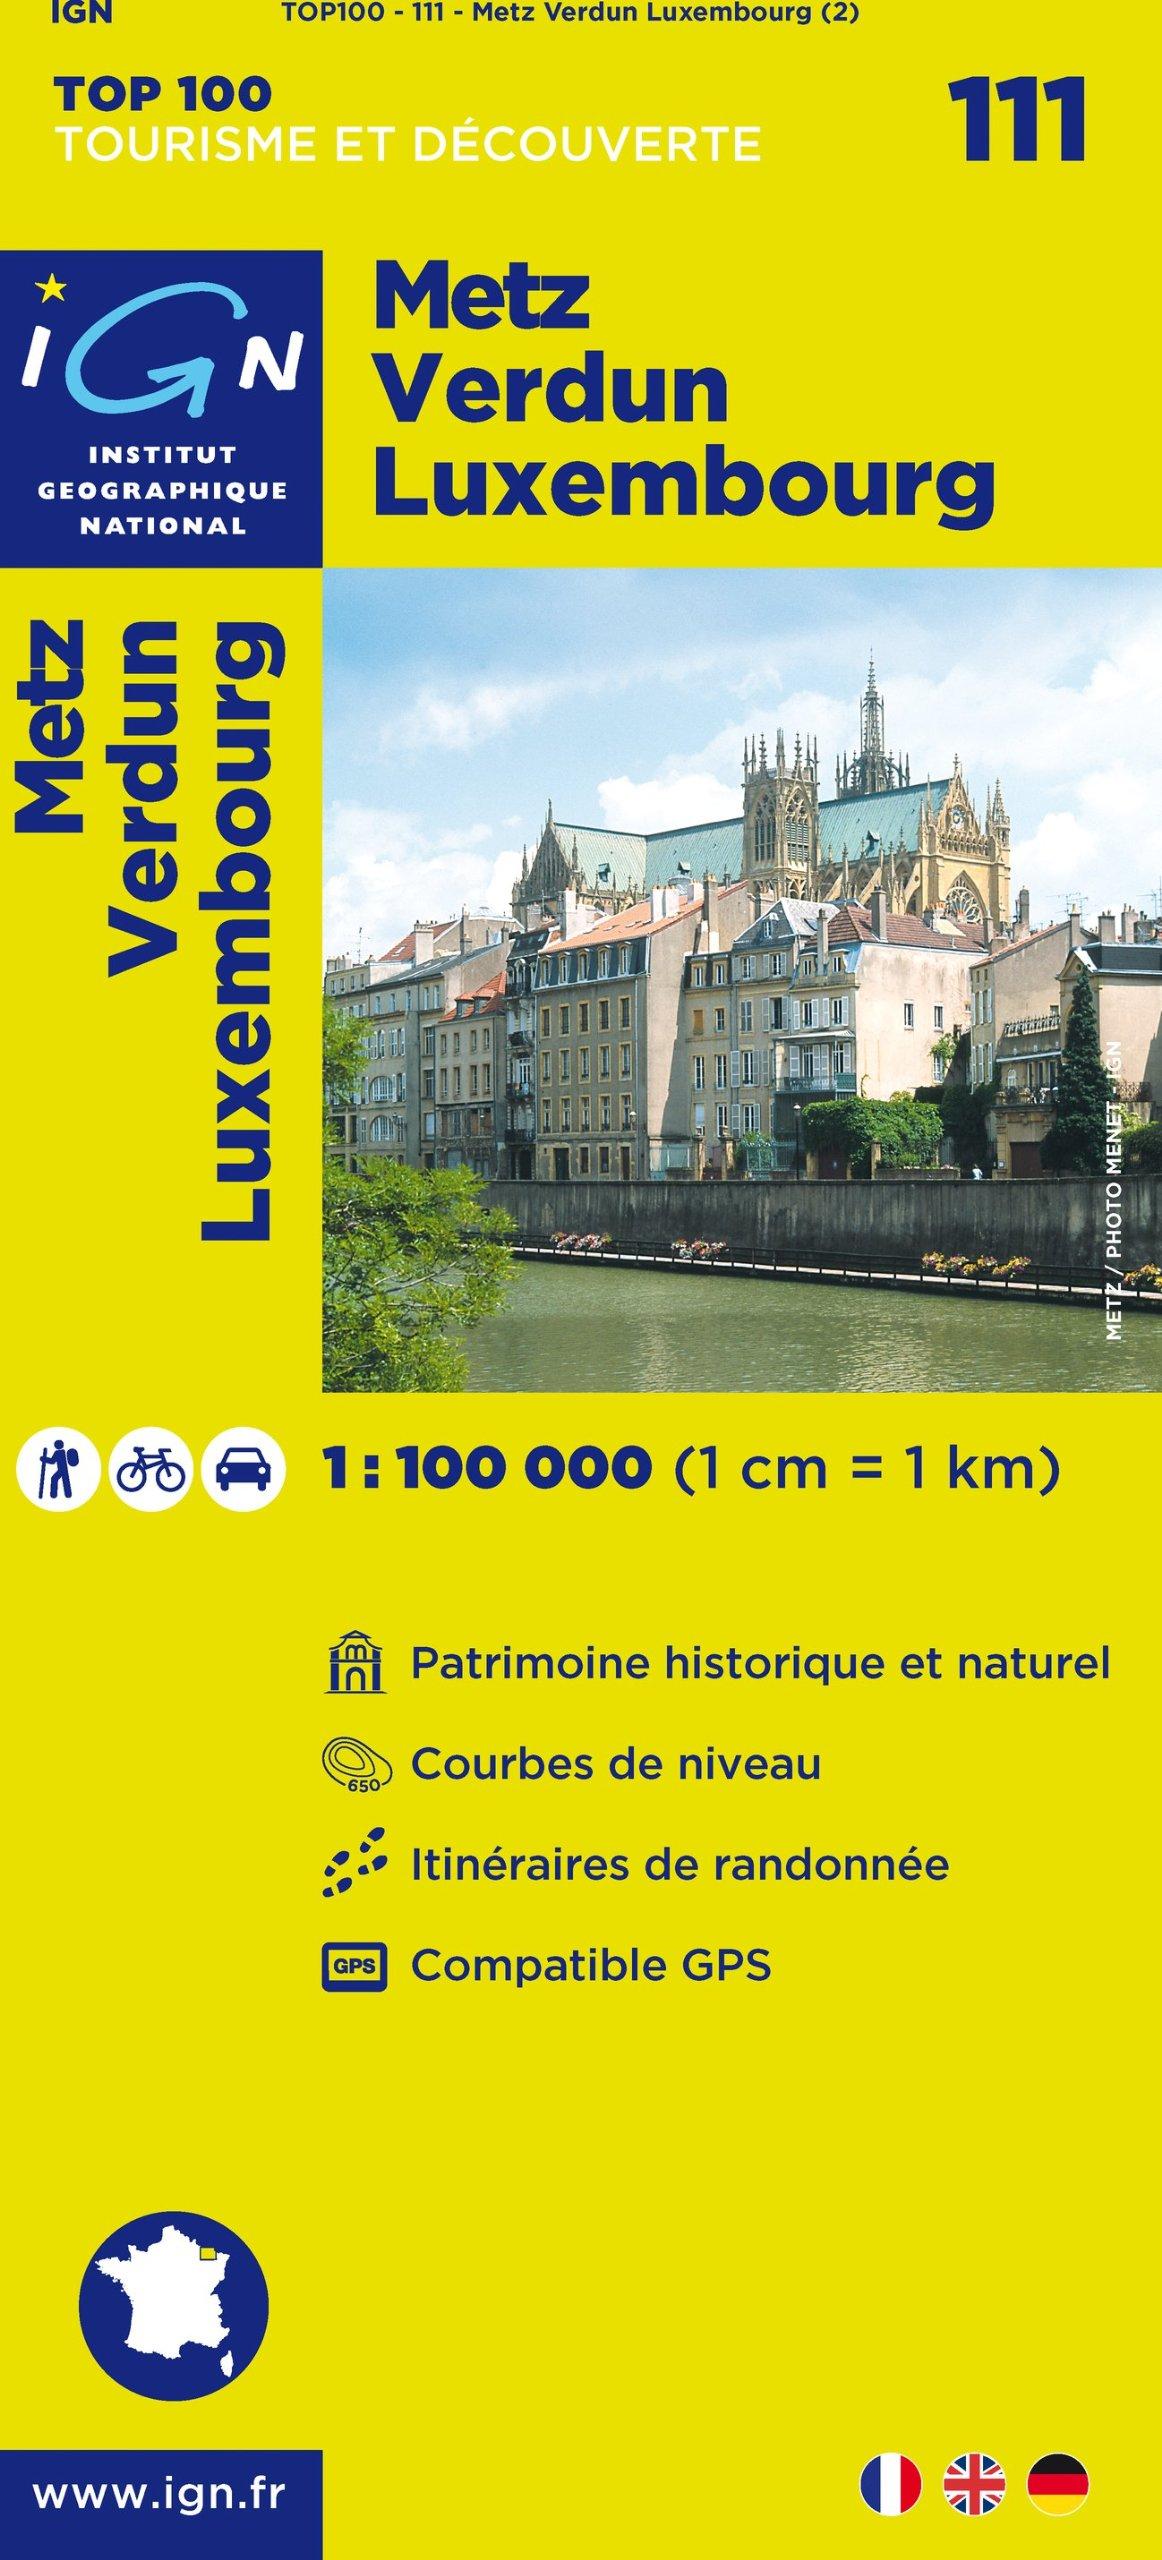 IGN 1 : 100 000 Metz Verdun Luxembourg: Top 100 Tourisme et Découverte. Patrimoine historique et naturel / Courbes de niveau / Routes et chemins / Itinéaires de randonnée / Compatible GPS (Ign Map) (Englisch) Landkarte – Folded Map, Februar 2012 COLLECTIF